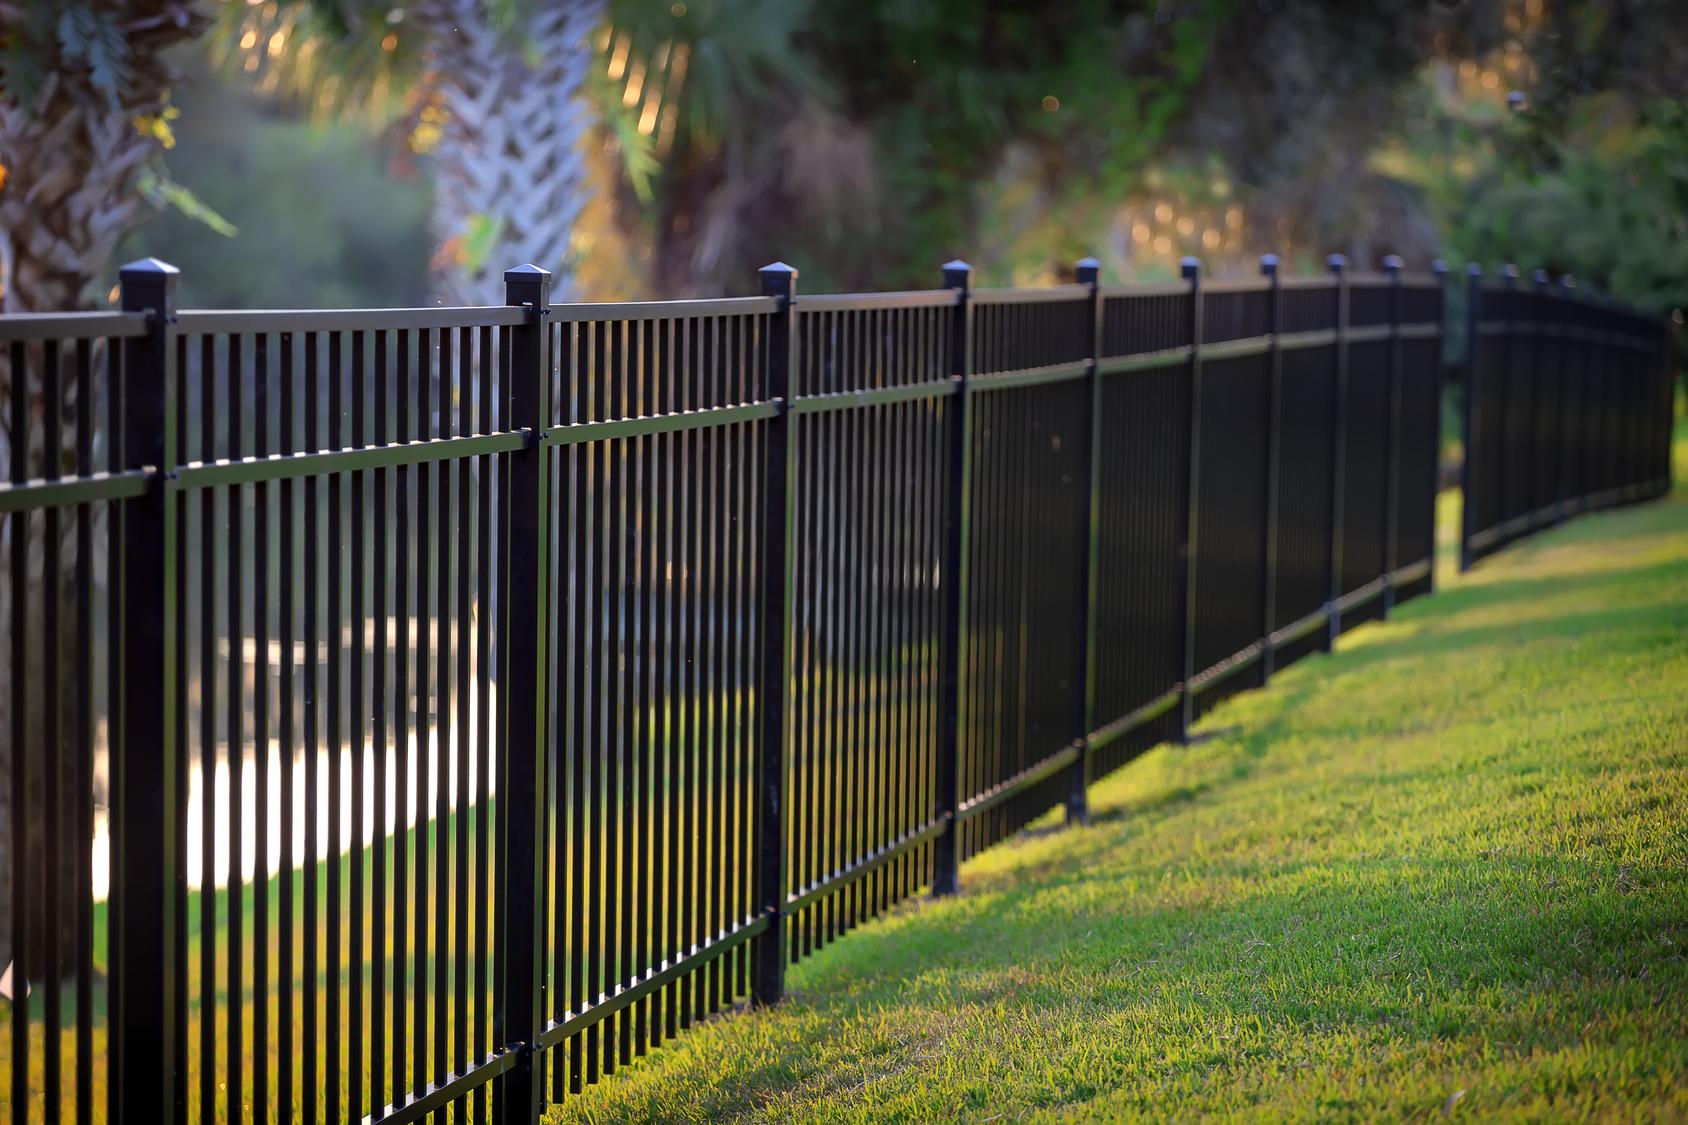 Comment Cloturer Son Jardin comment choisir sa clôture de jardin ?